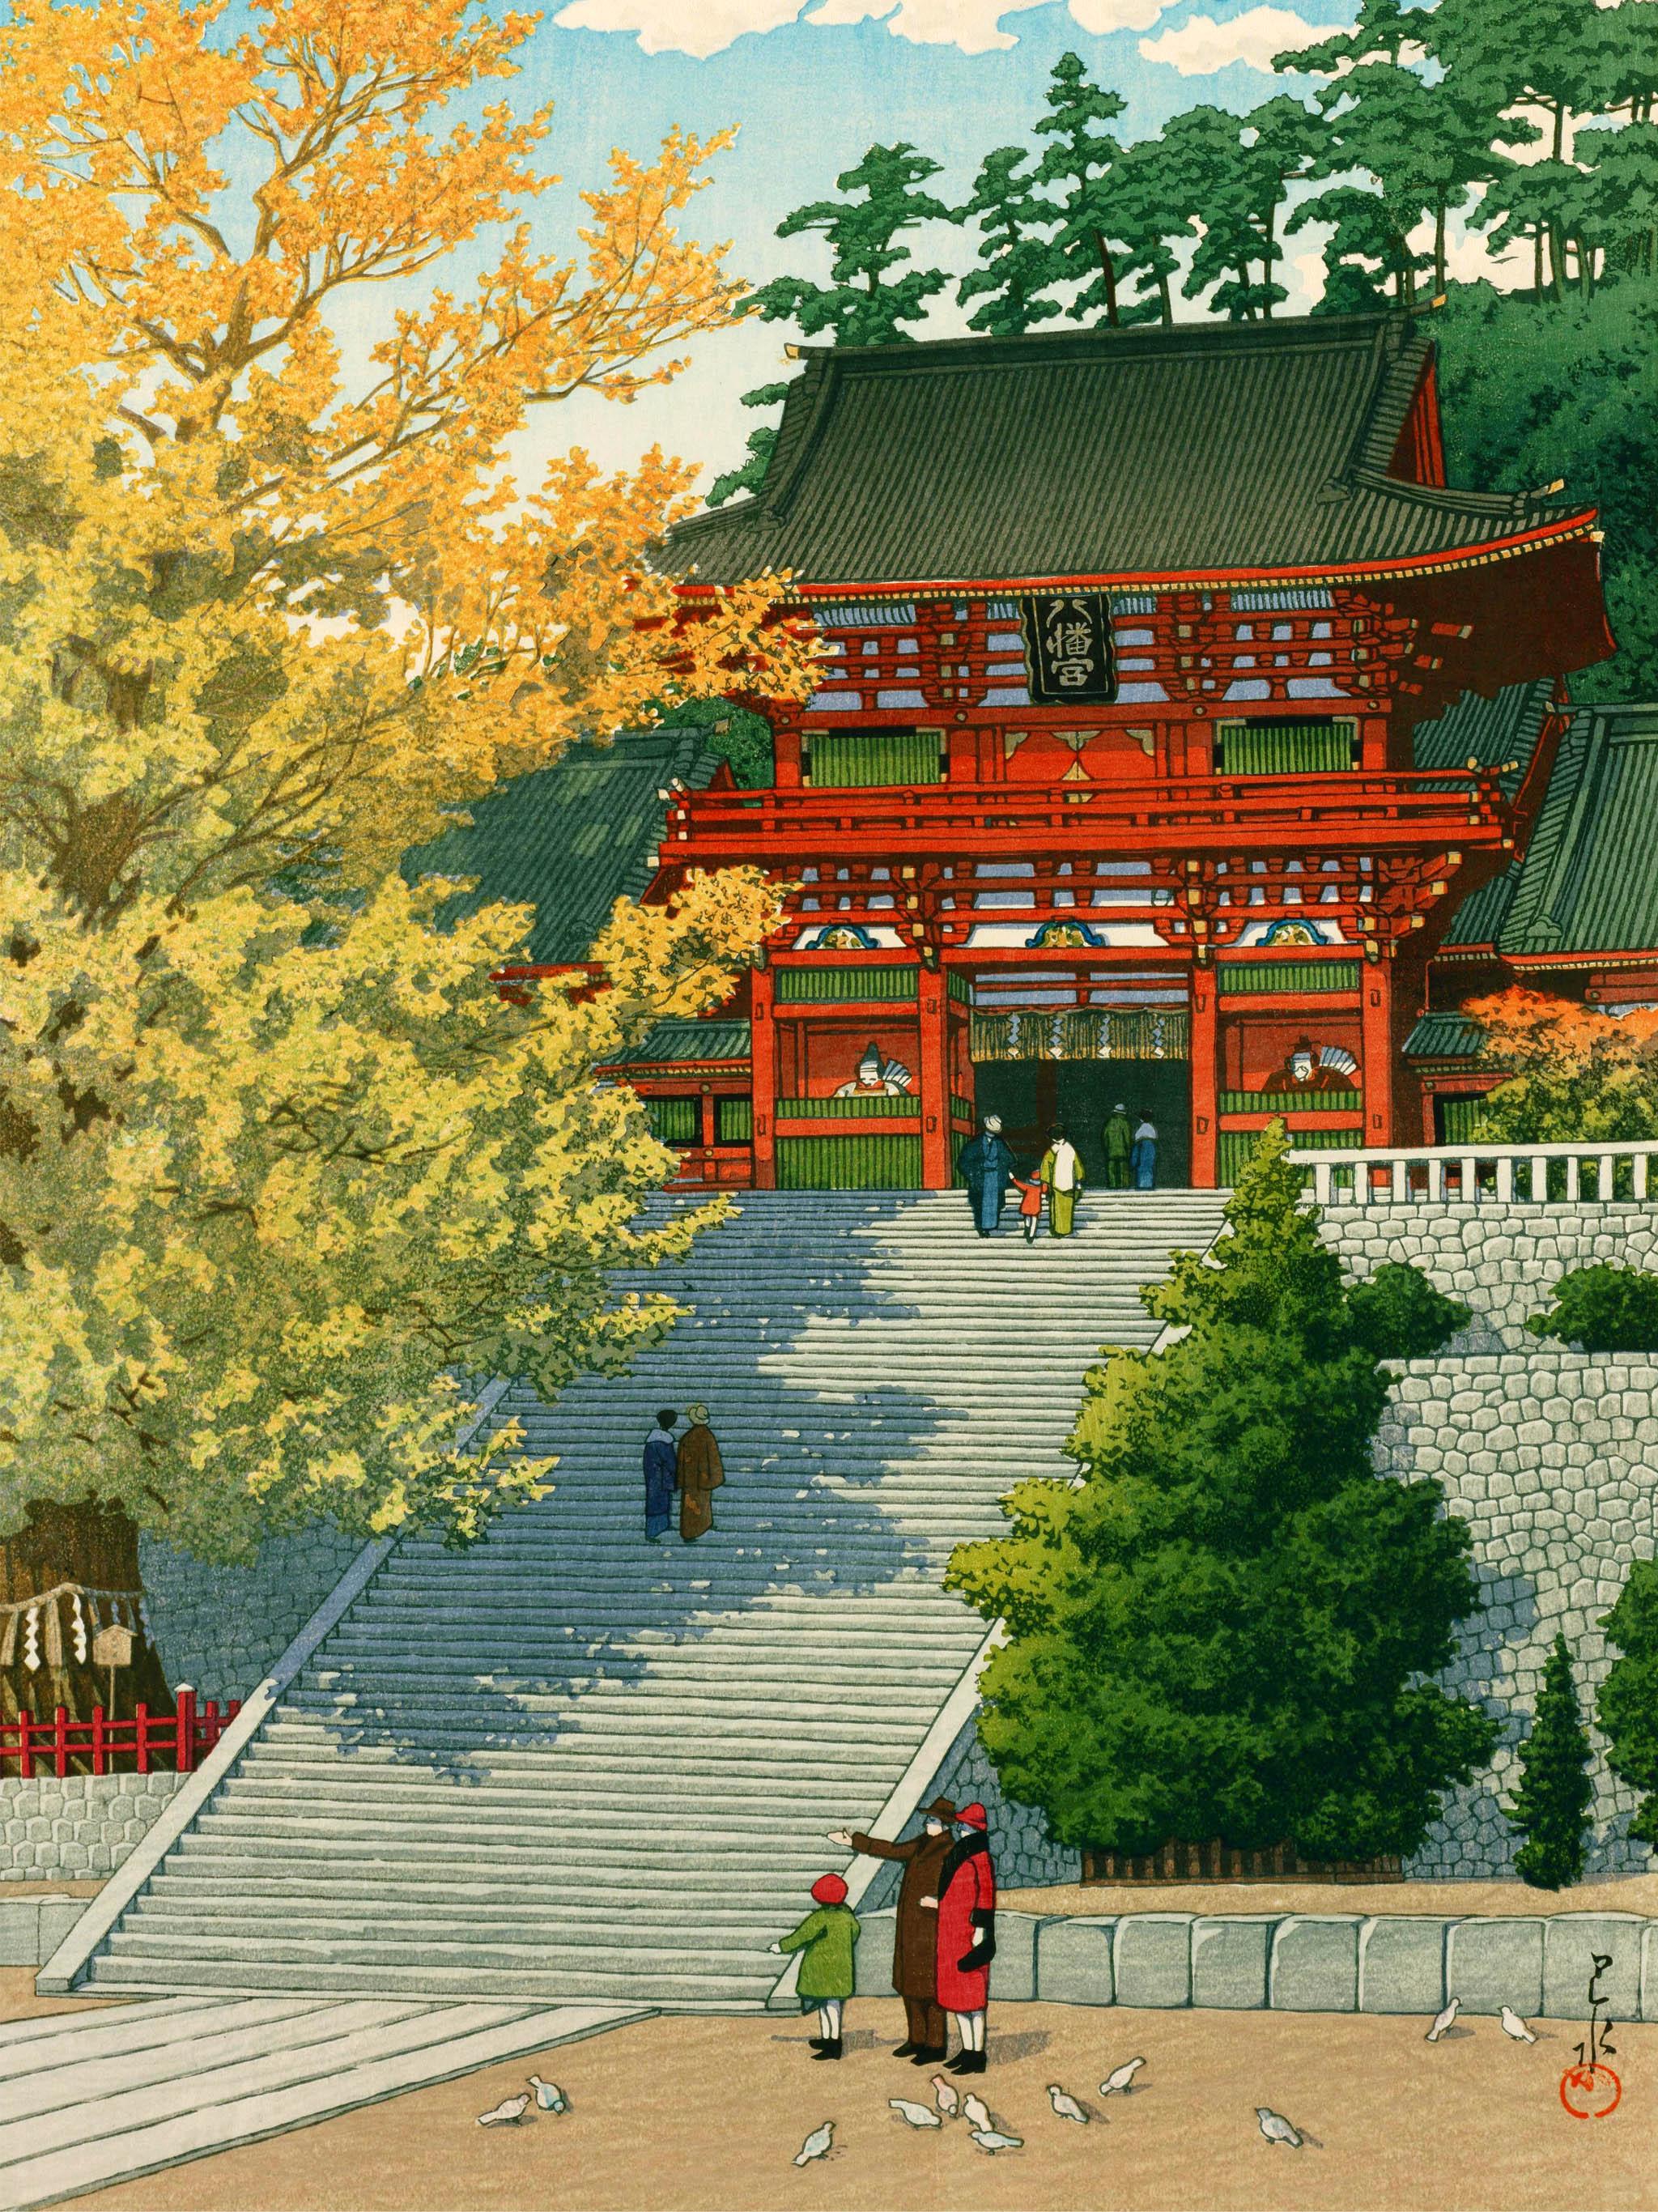 Kawase Hasui - Tsuruoka hachimangu 2048x2732